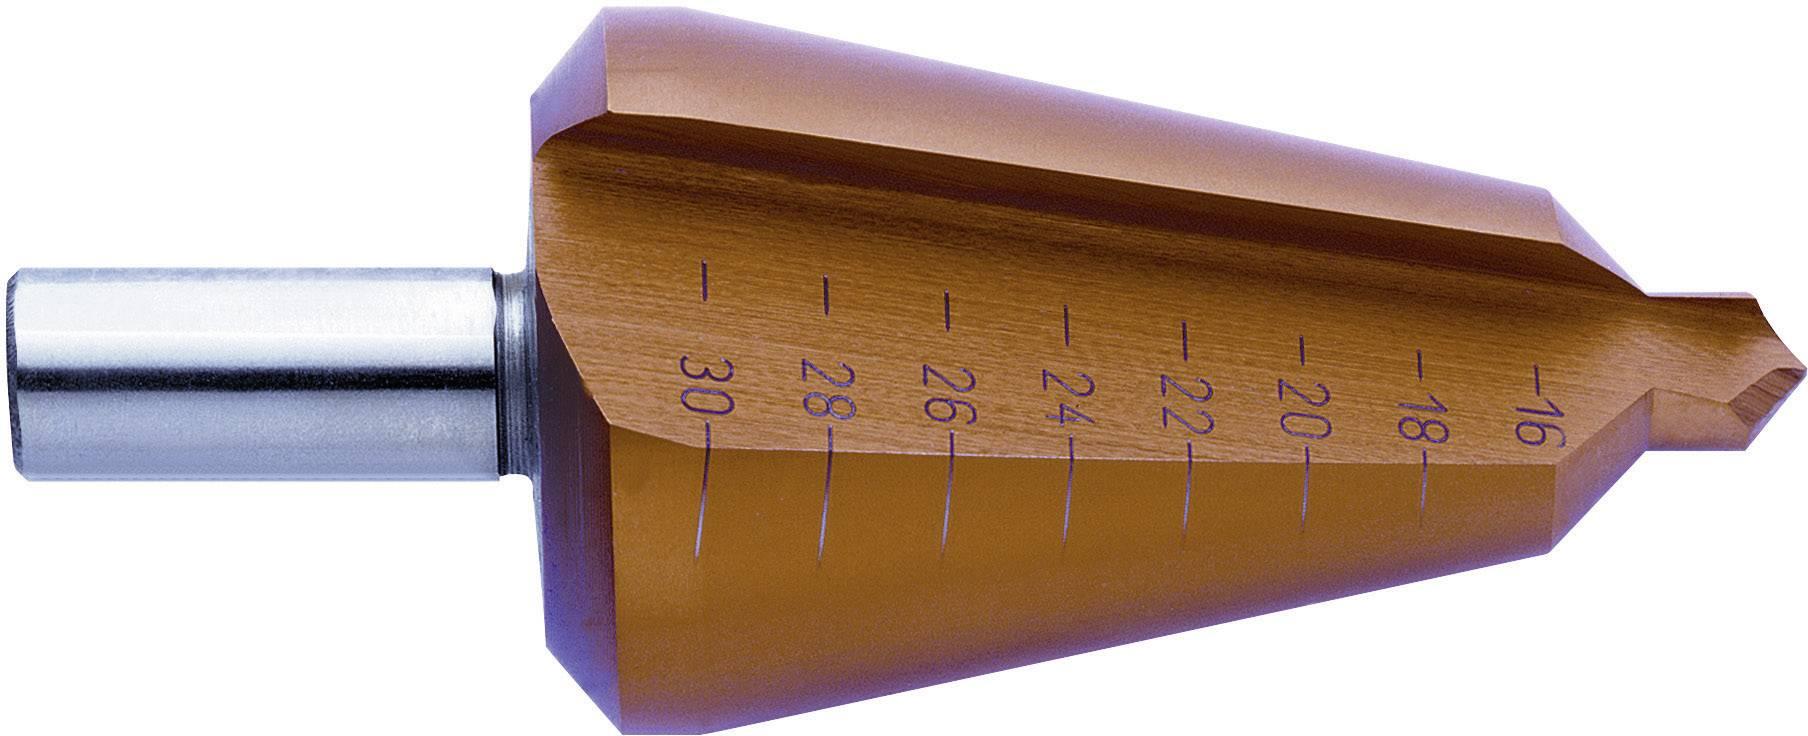 Lúpací vrták Exact 50101, 3 - 14 mm, TiN, 1 ks